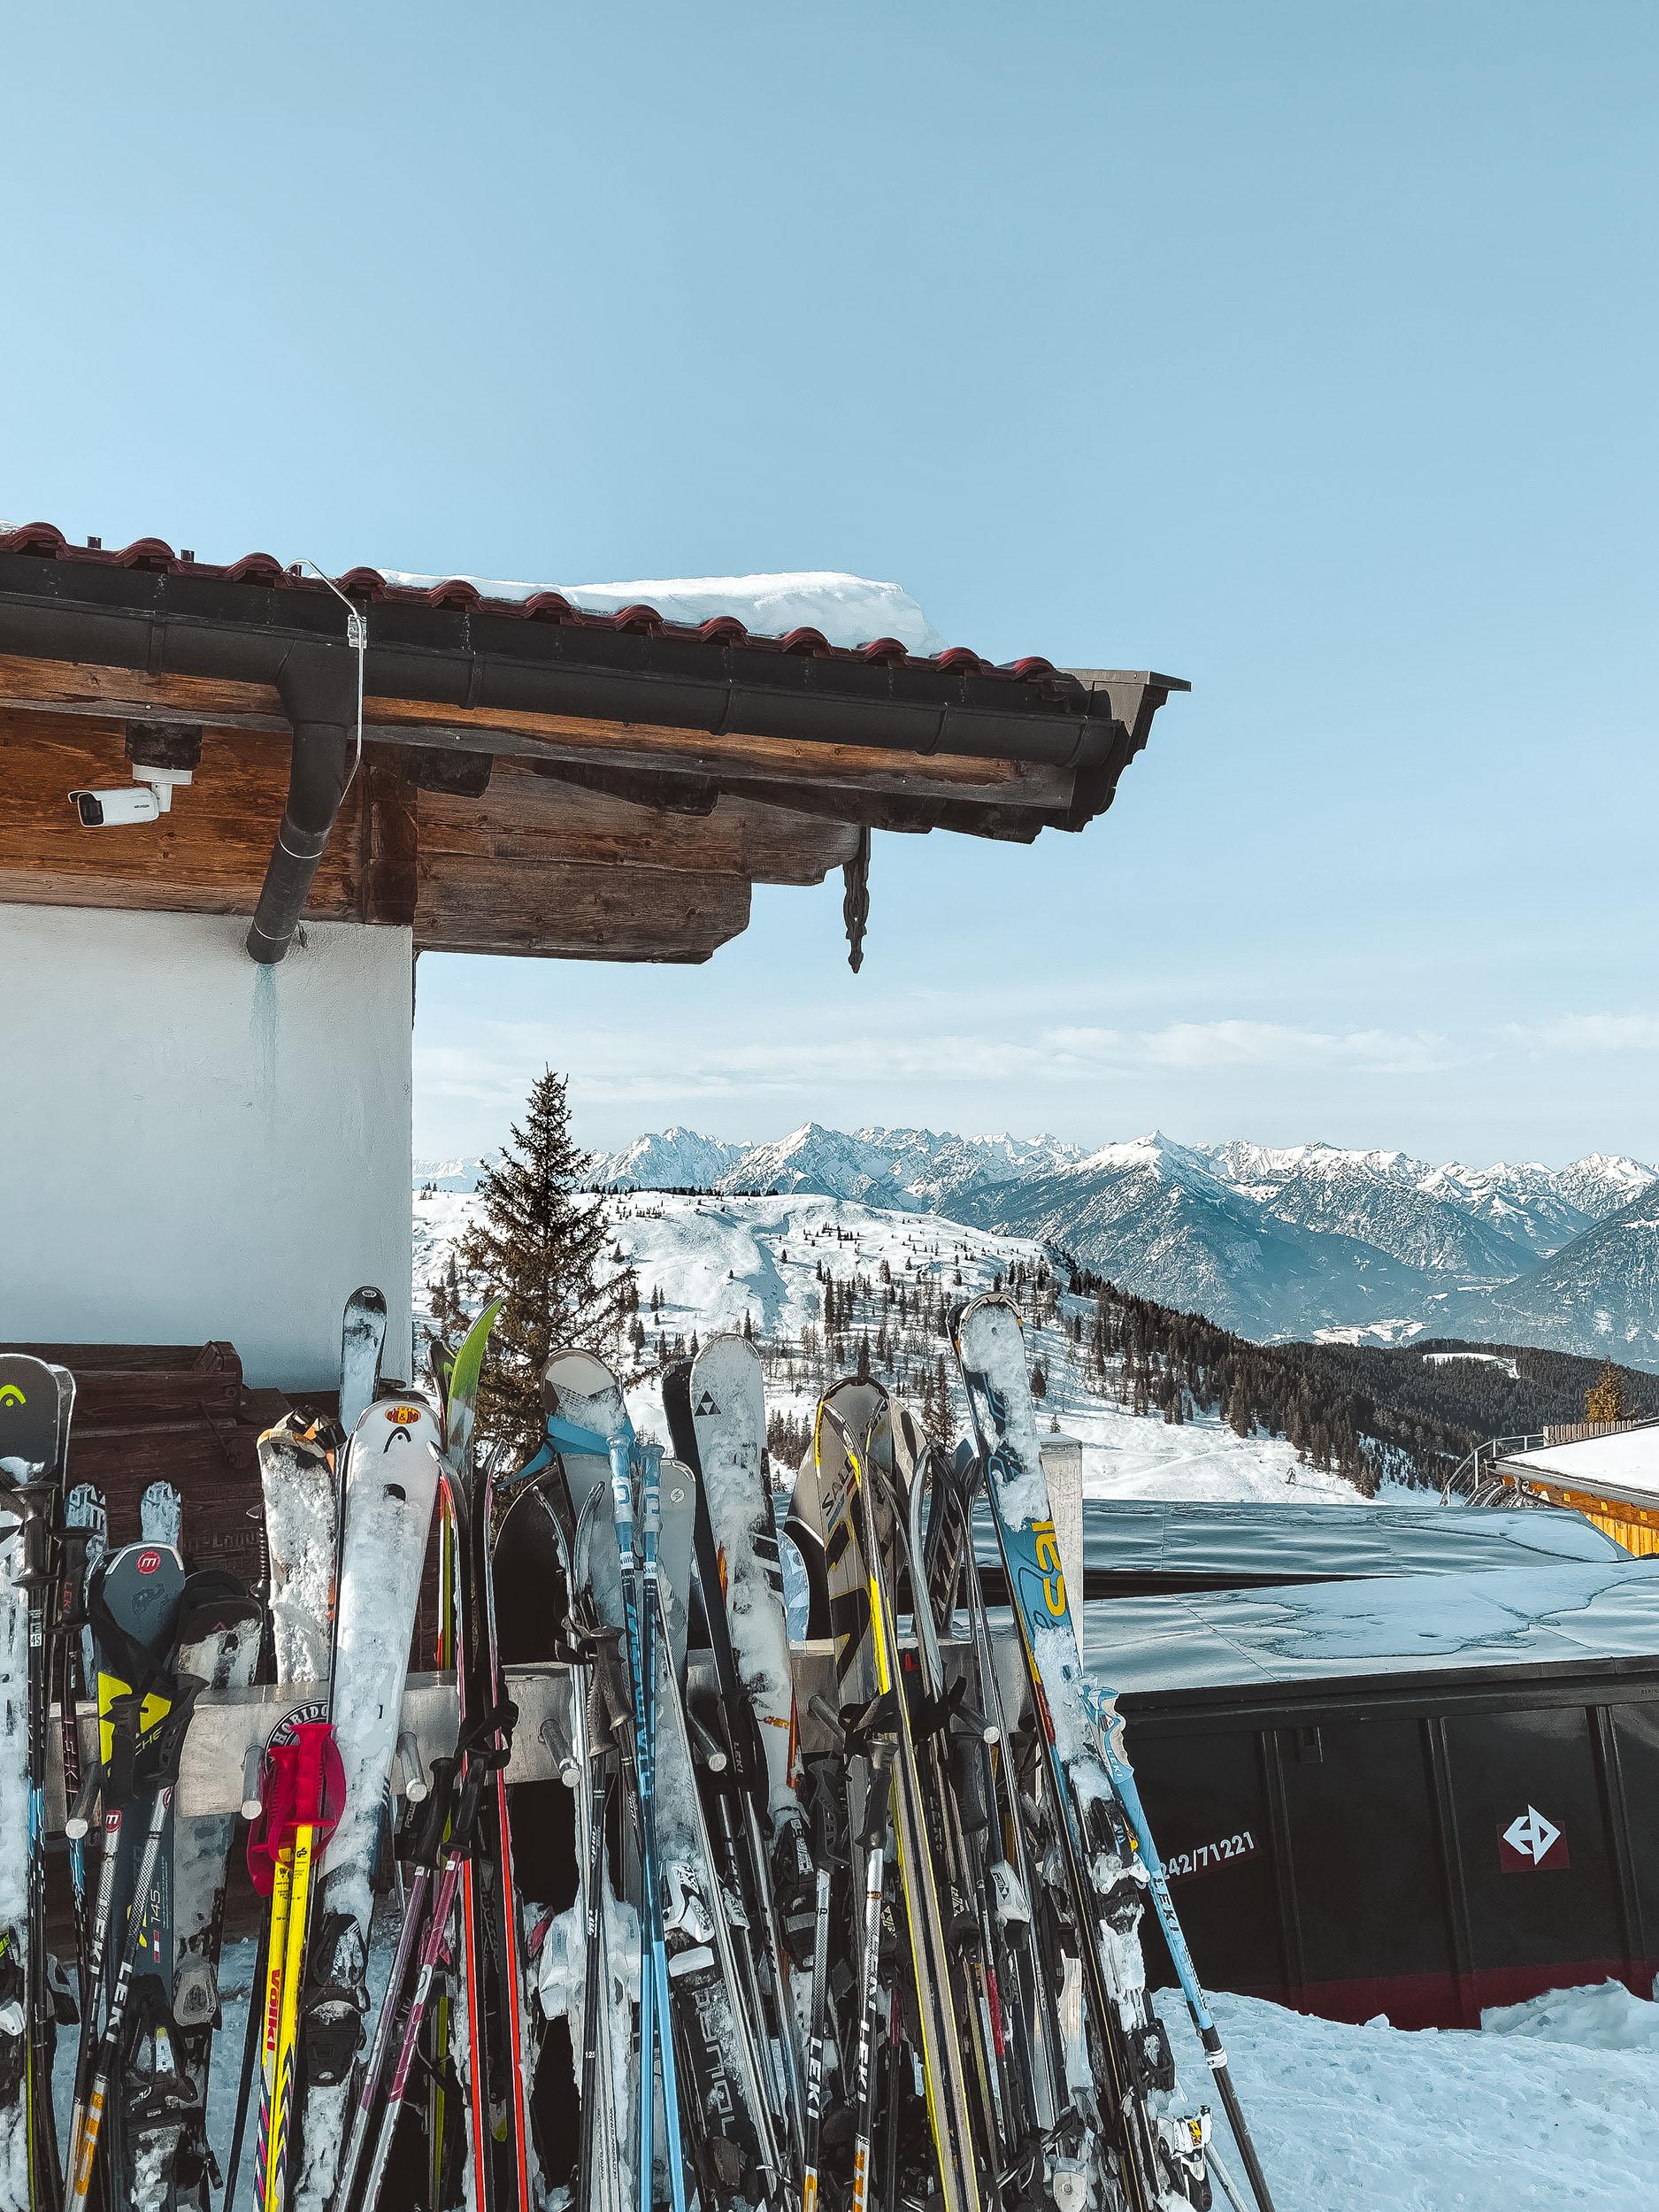 Ośrodek narciarski Ski Juwel